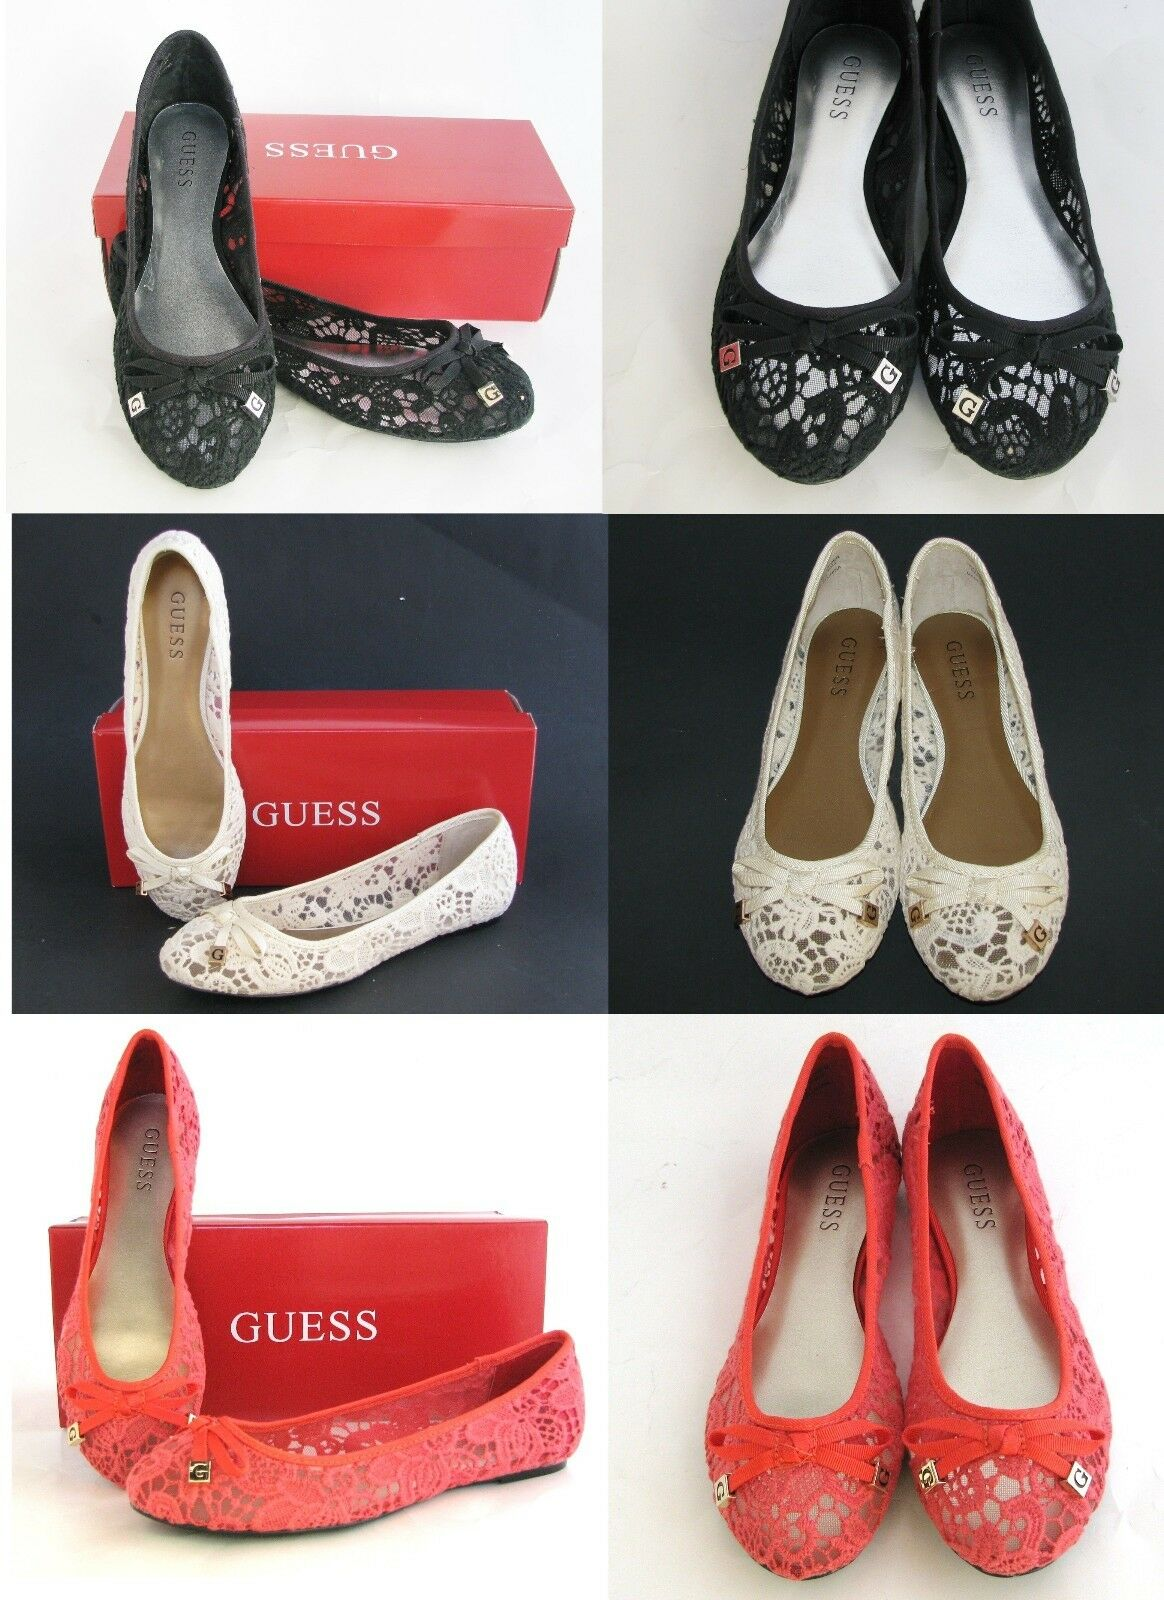 NEW-GUESS GEORGIA MESH CROCHET UPPER & BOW ACCENT,SPRING BALLET FLATS,Schuhe+BOX FLATS,Schuhe+BOX FLATS,Schuhe+BOX 3089f1